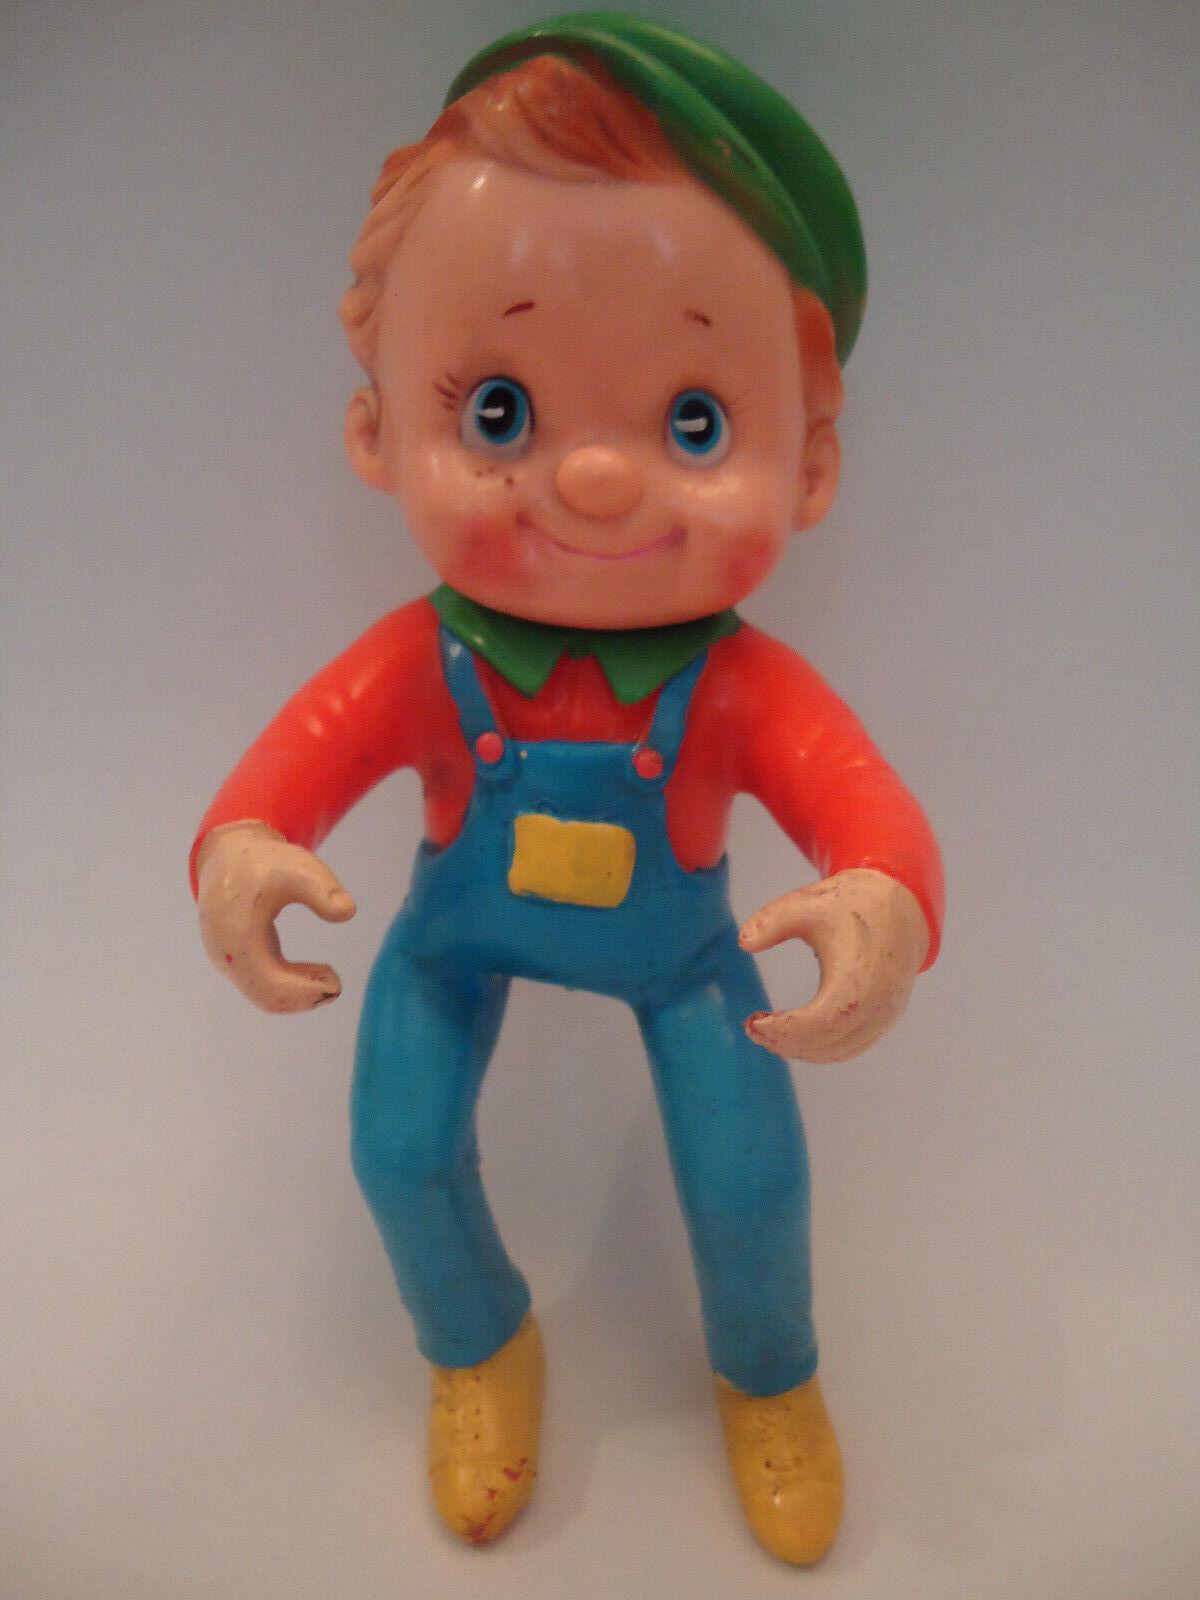 Antiguo De Colección Masudaya rara muñeca de juguete Japón Goma Boy Figura 50 60s